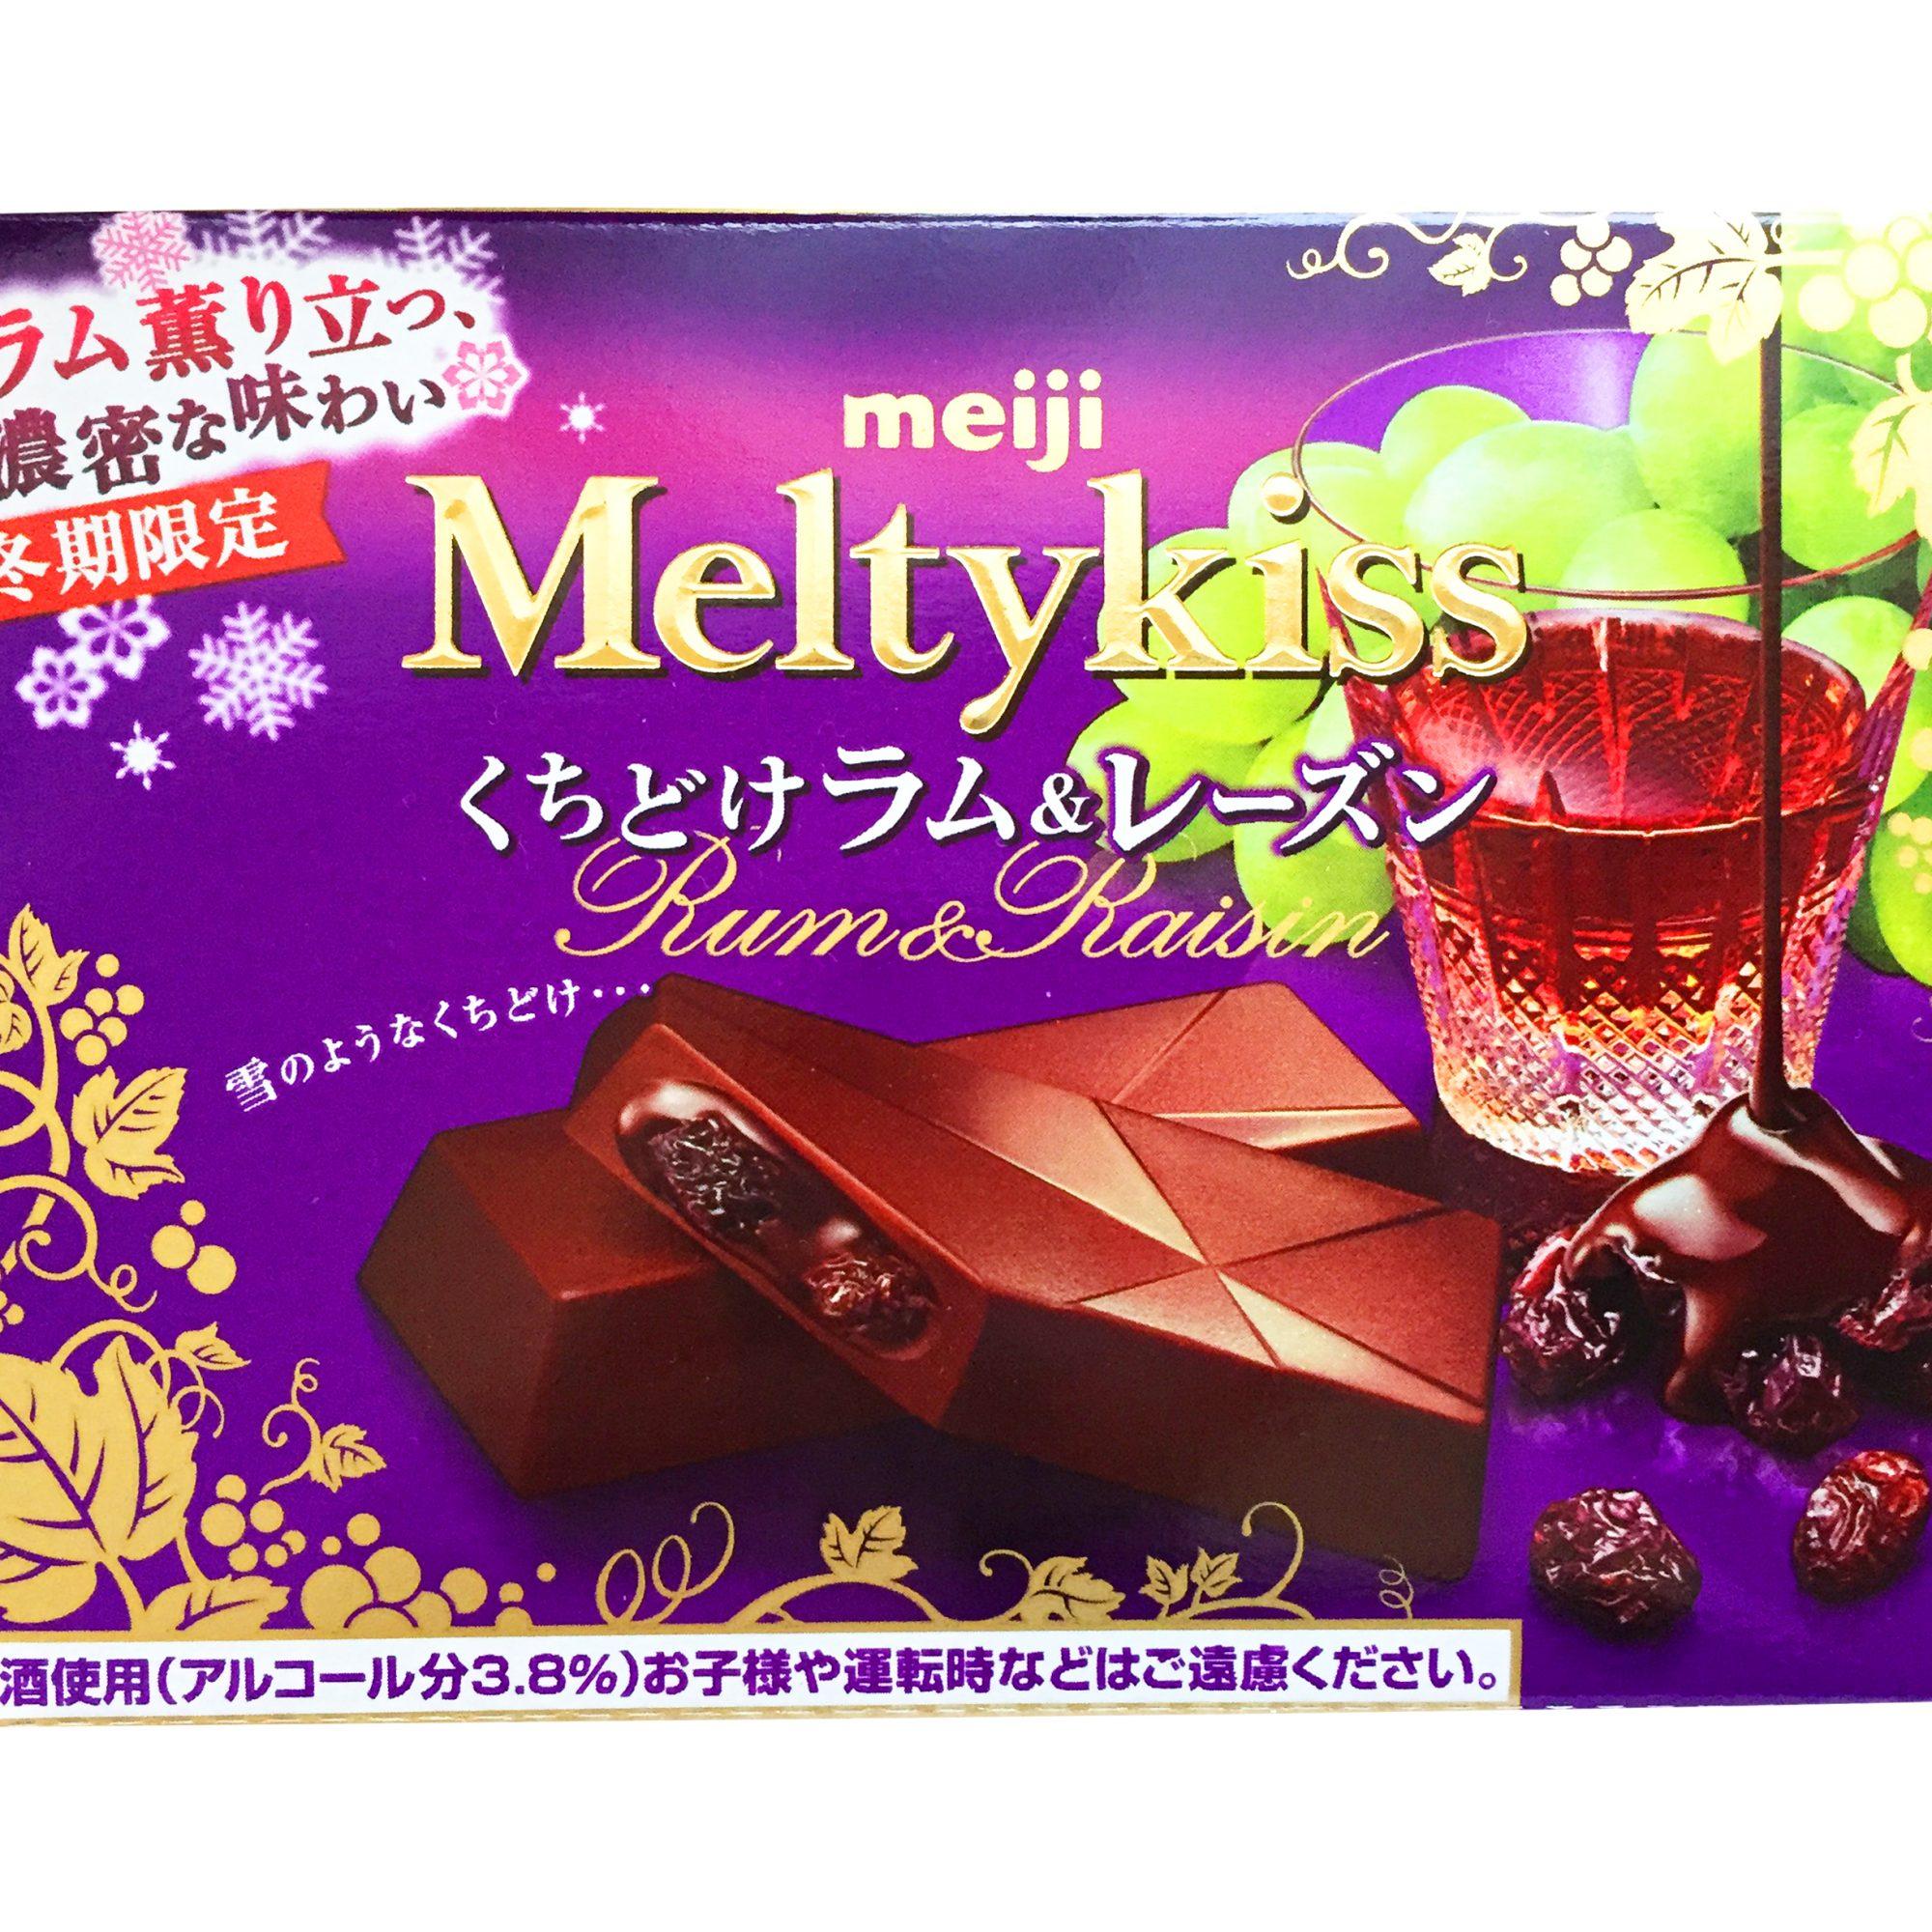 明治『メルティーキッス くちどけラム&レーズン 4本』はしっかりラムを感じる本気の大人チョコ!洋酒の芳醇さとなめらかなチョコレートが贅沢な一品